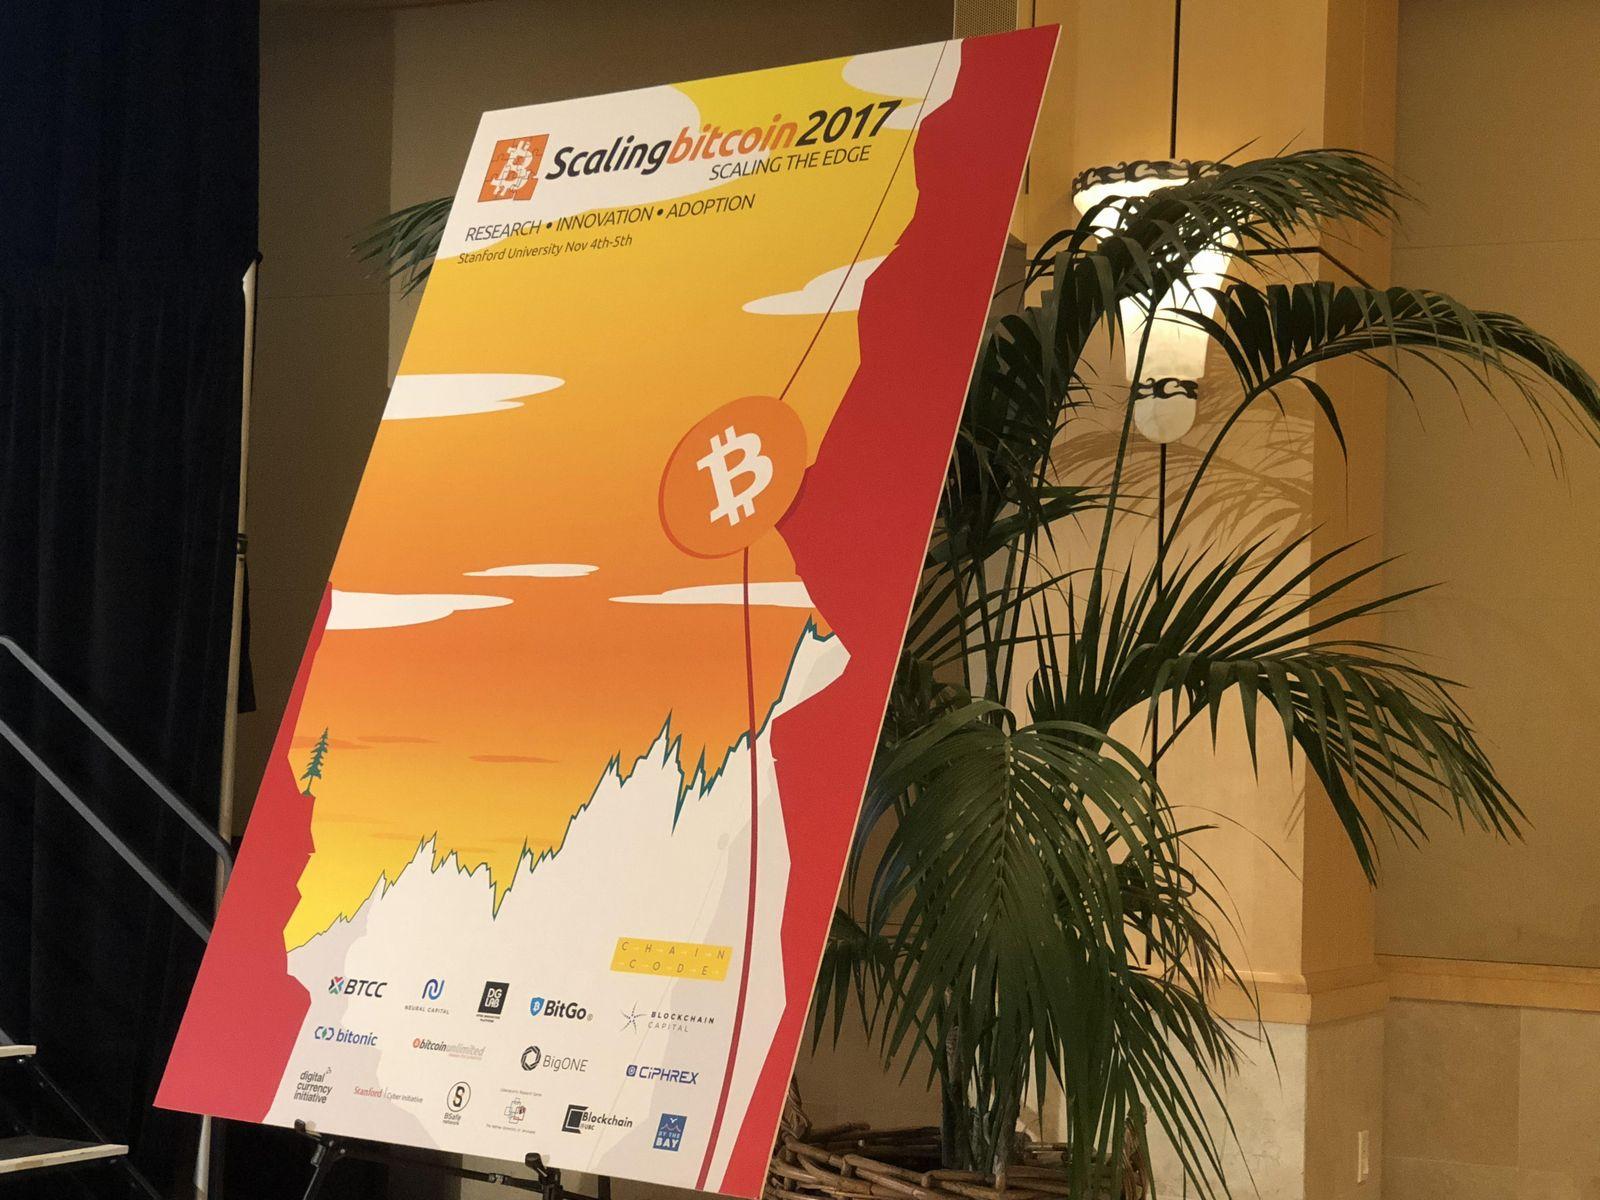 Scaling Bitcoin 2017の会場にて